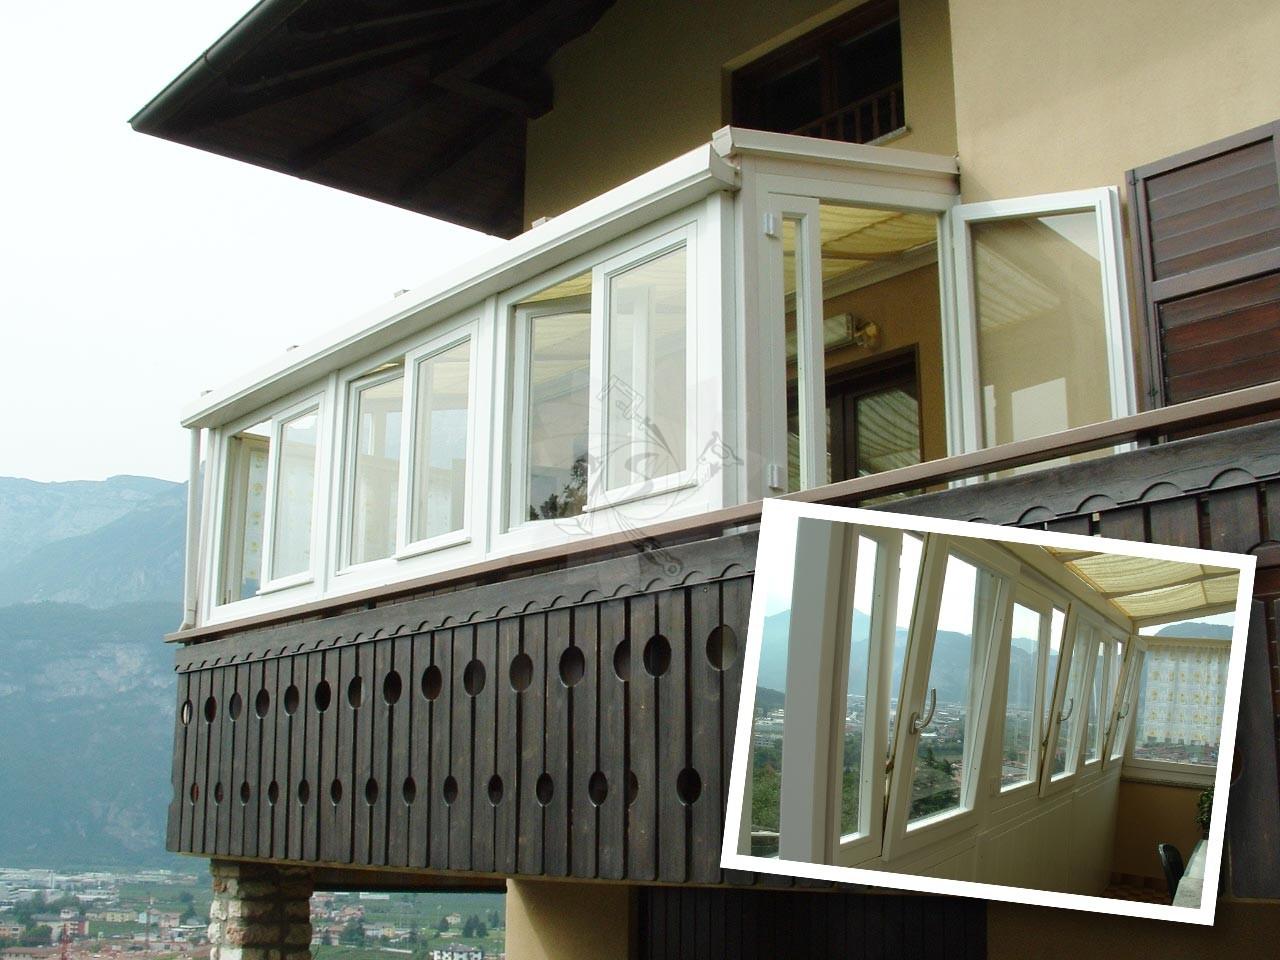 Verande sui balconi - Verande mobili per balconi ...